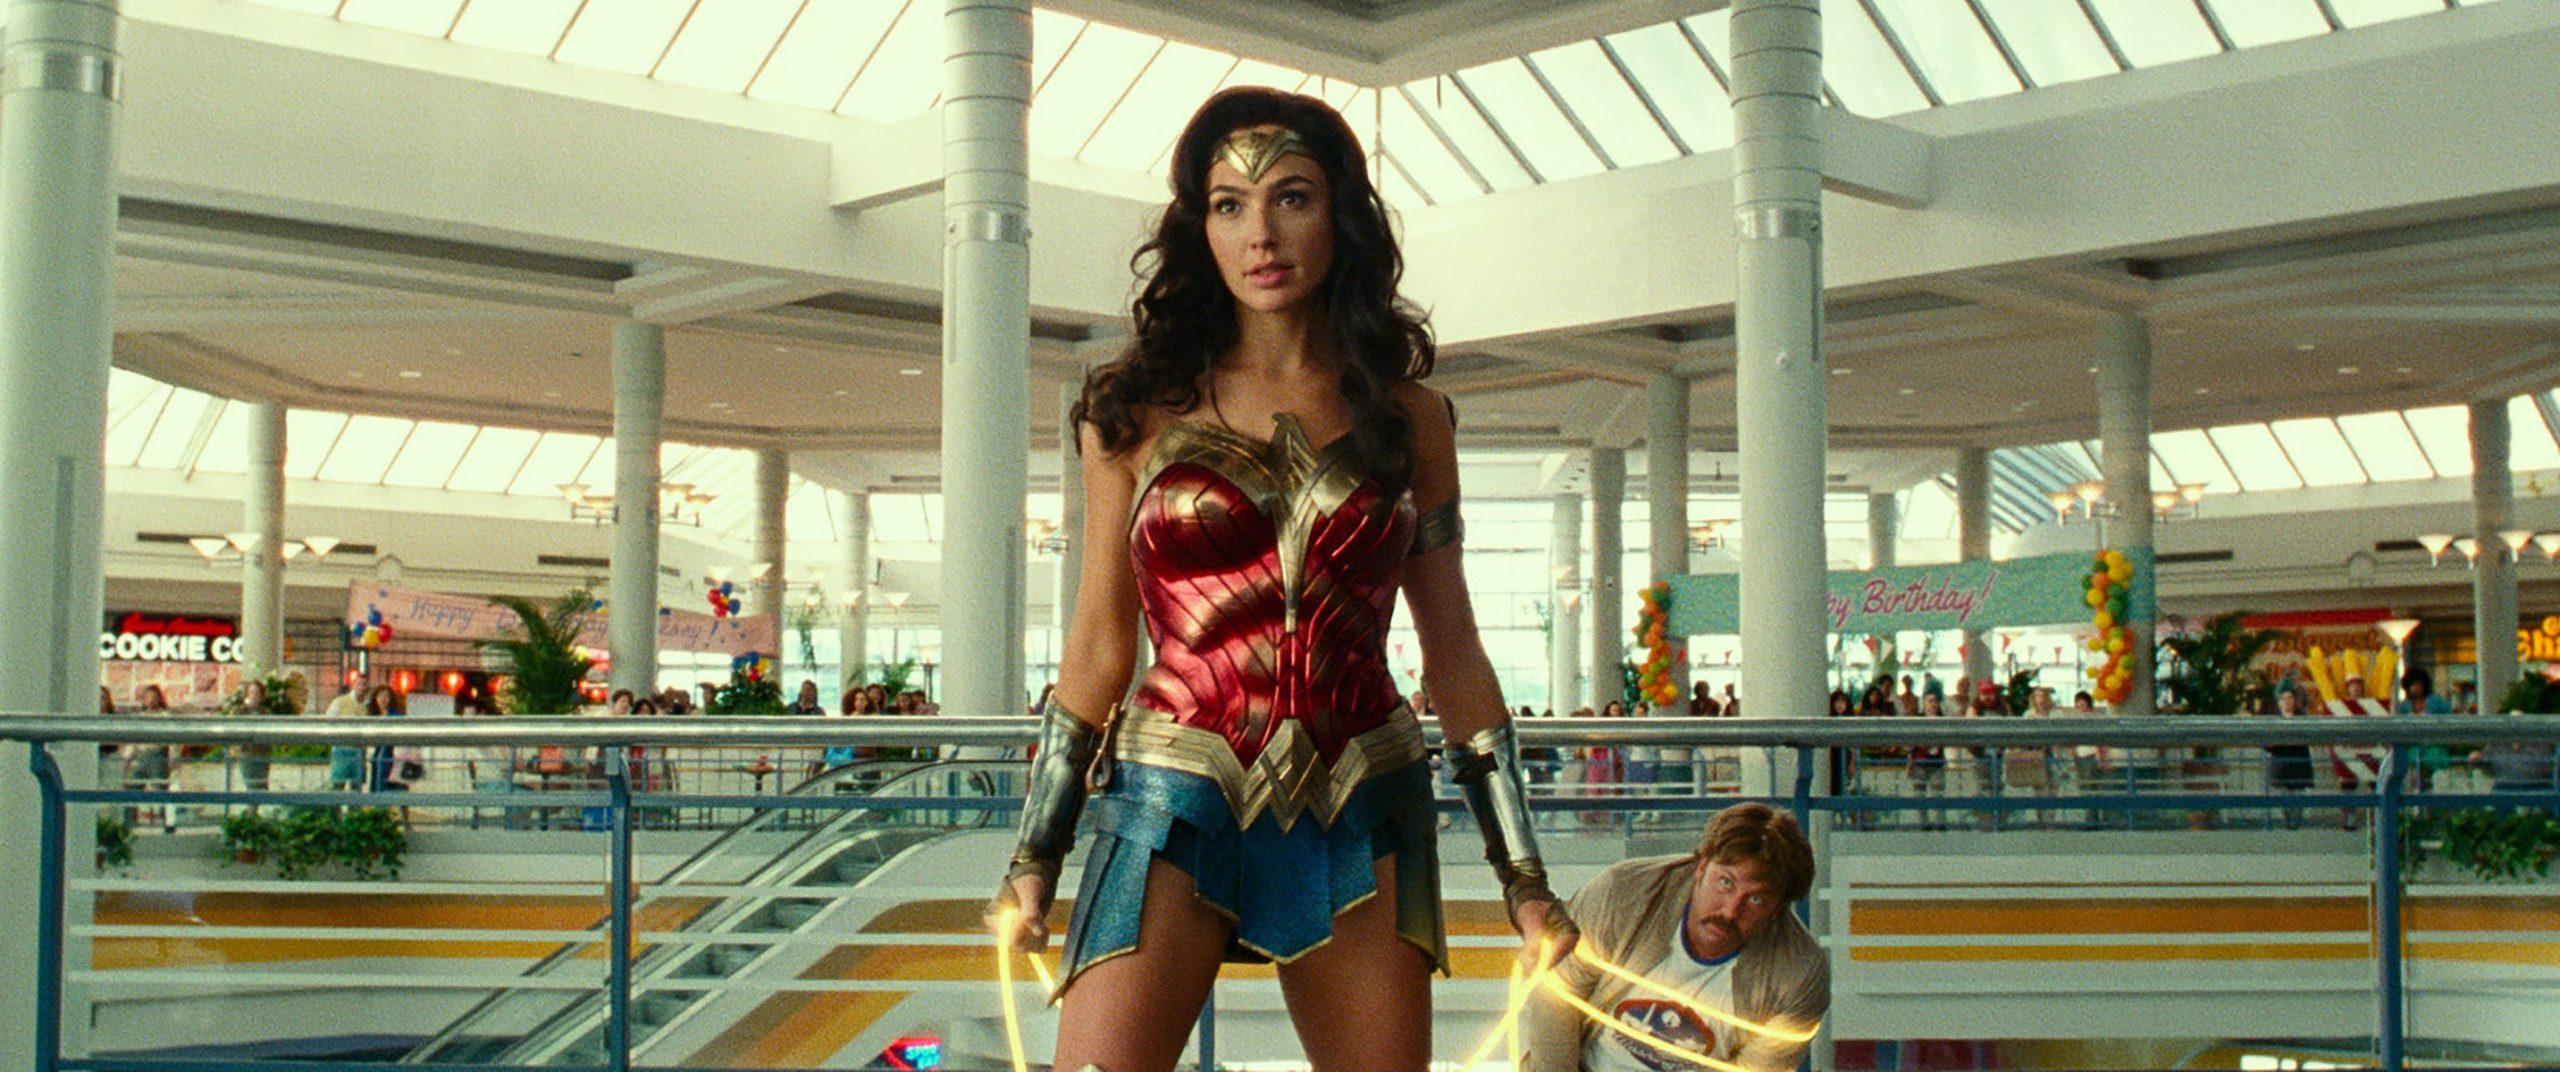 Wonder Woman Mall